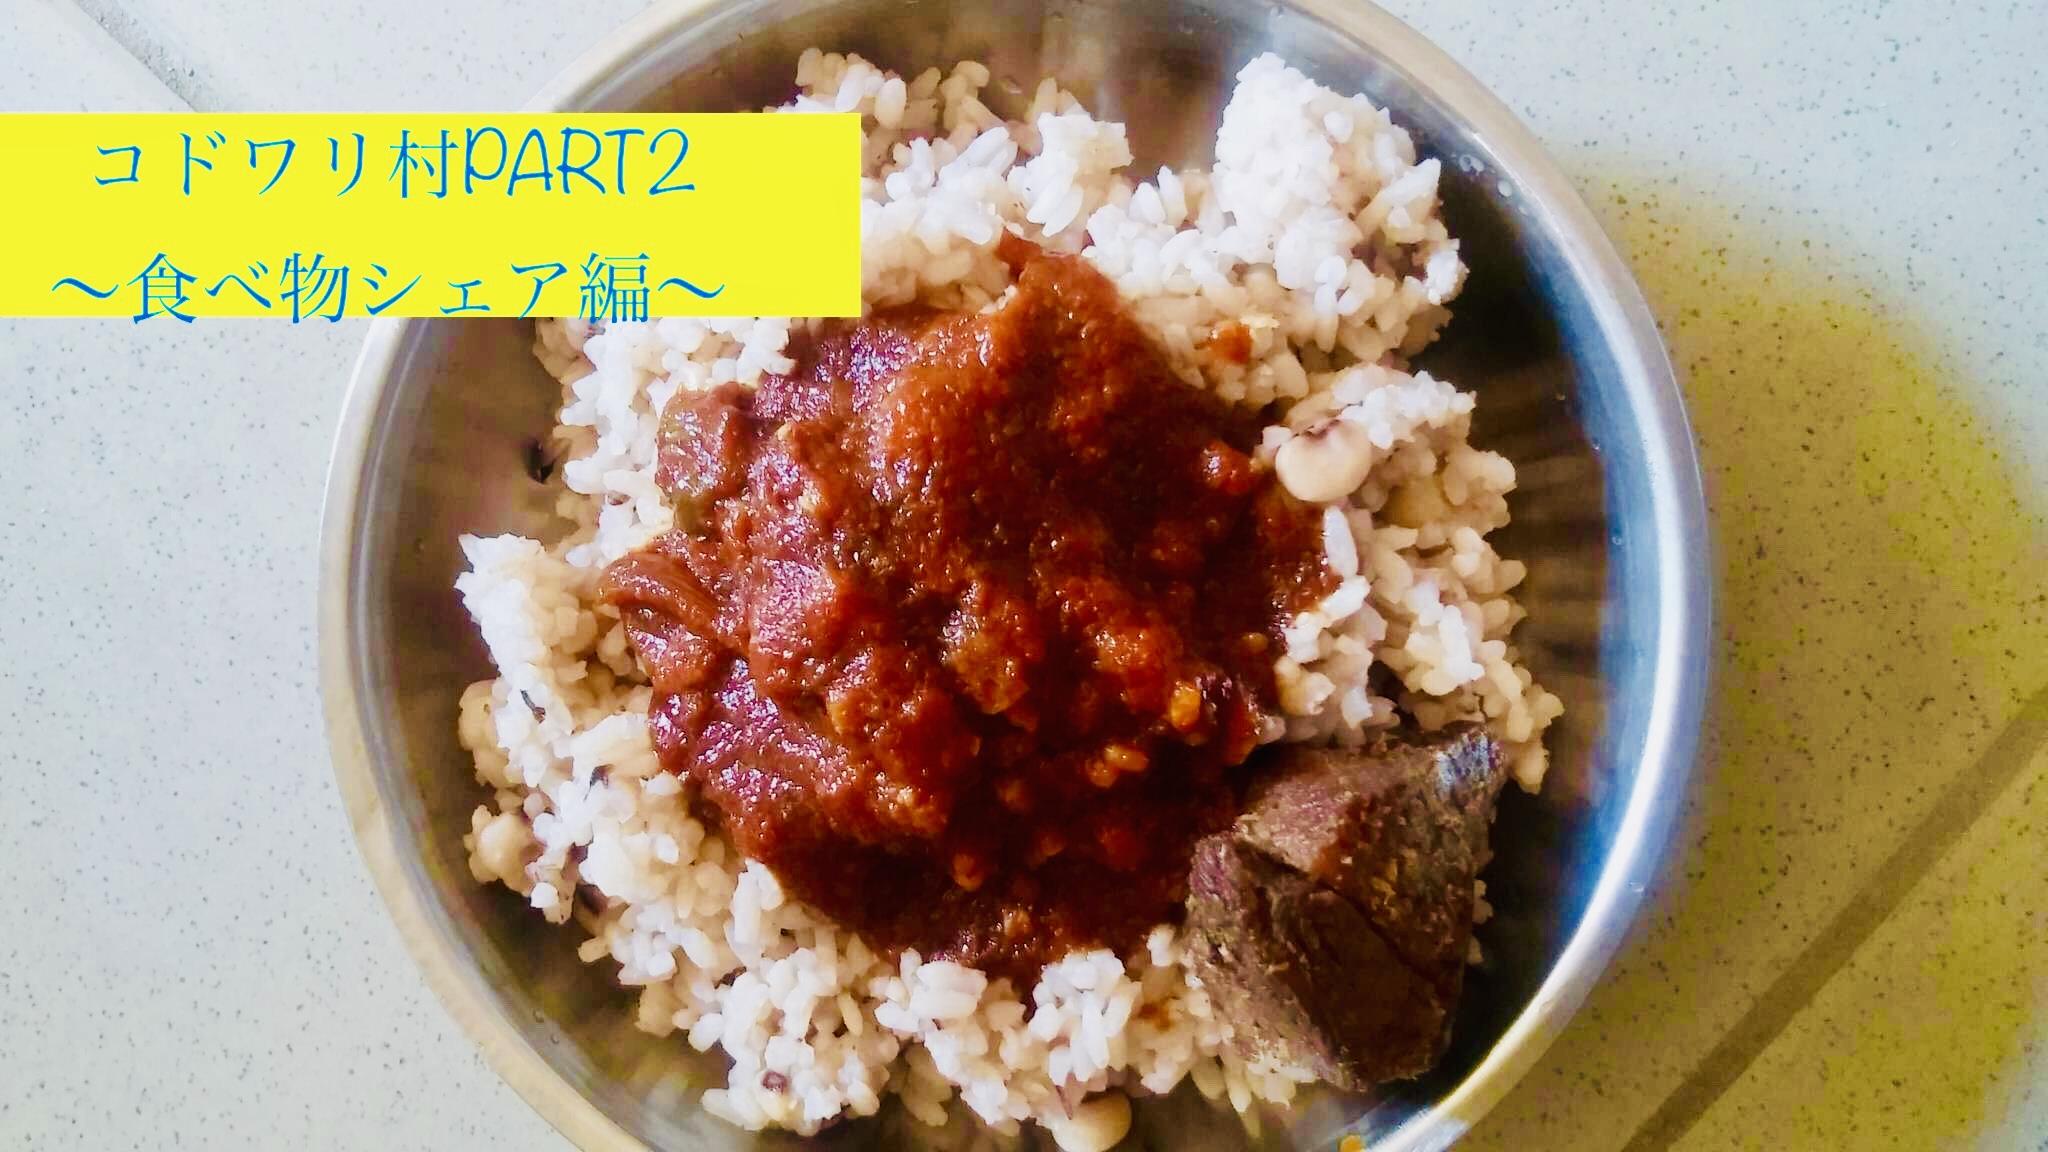 西アフリカ、ベナン共和国の小さな村に住んでみて、日々感じること②~食べ物シェア編~